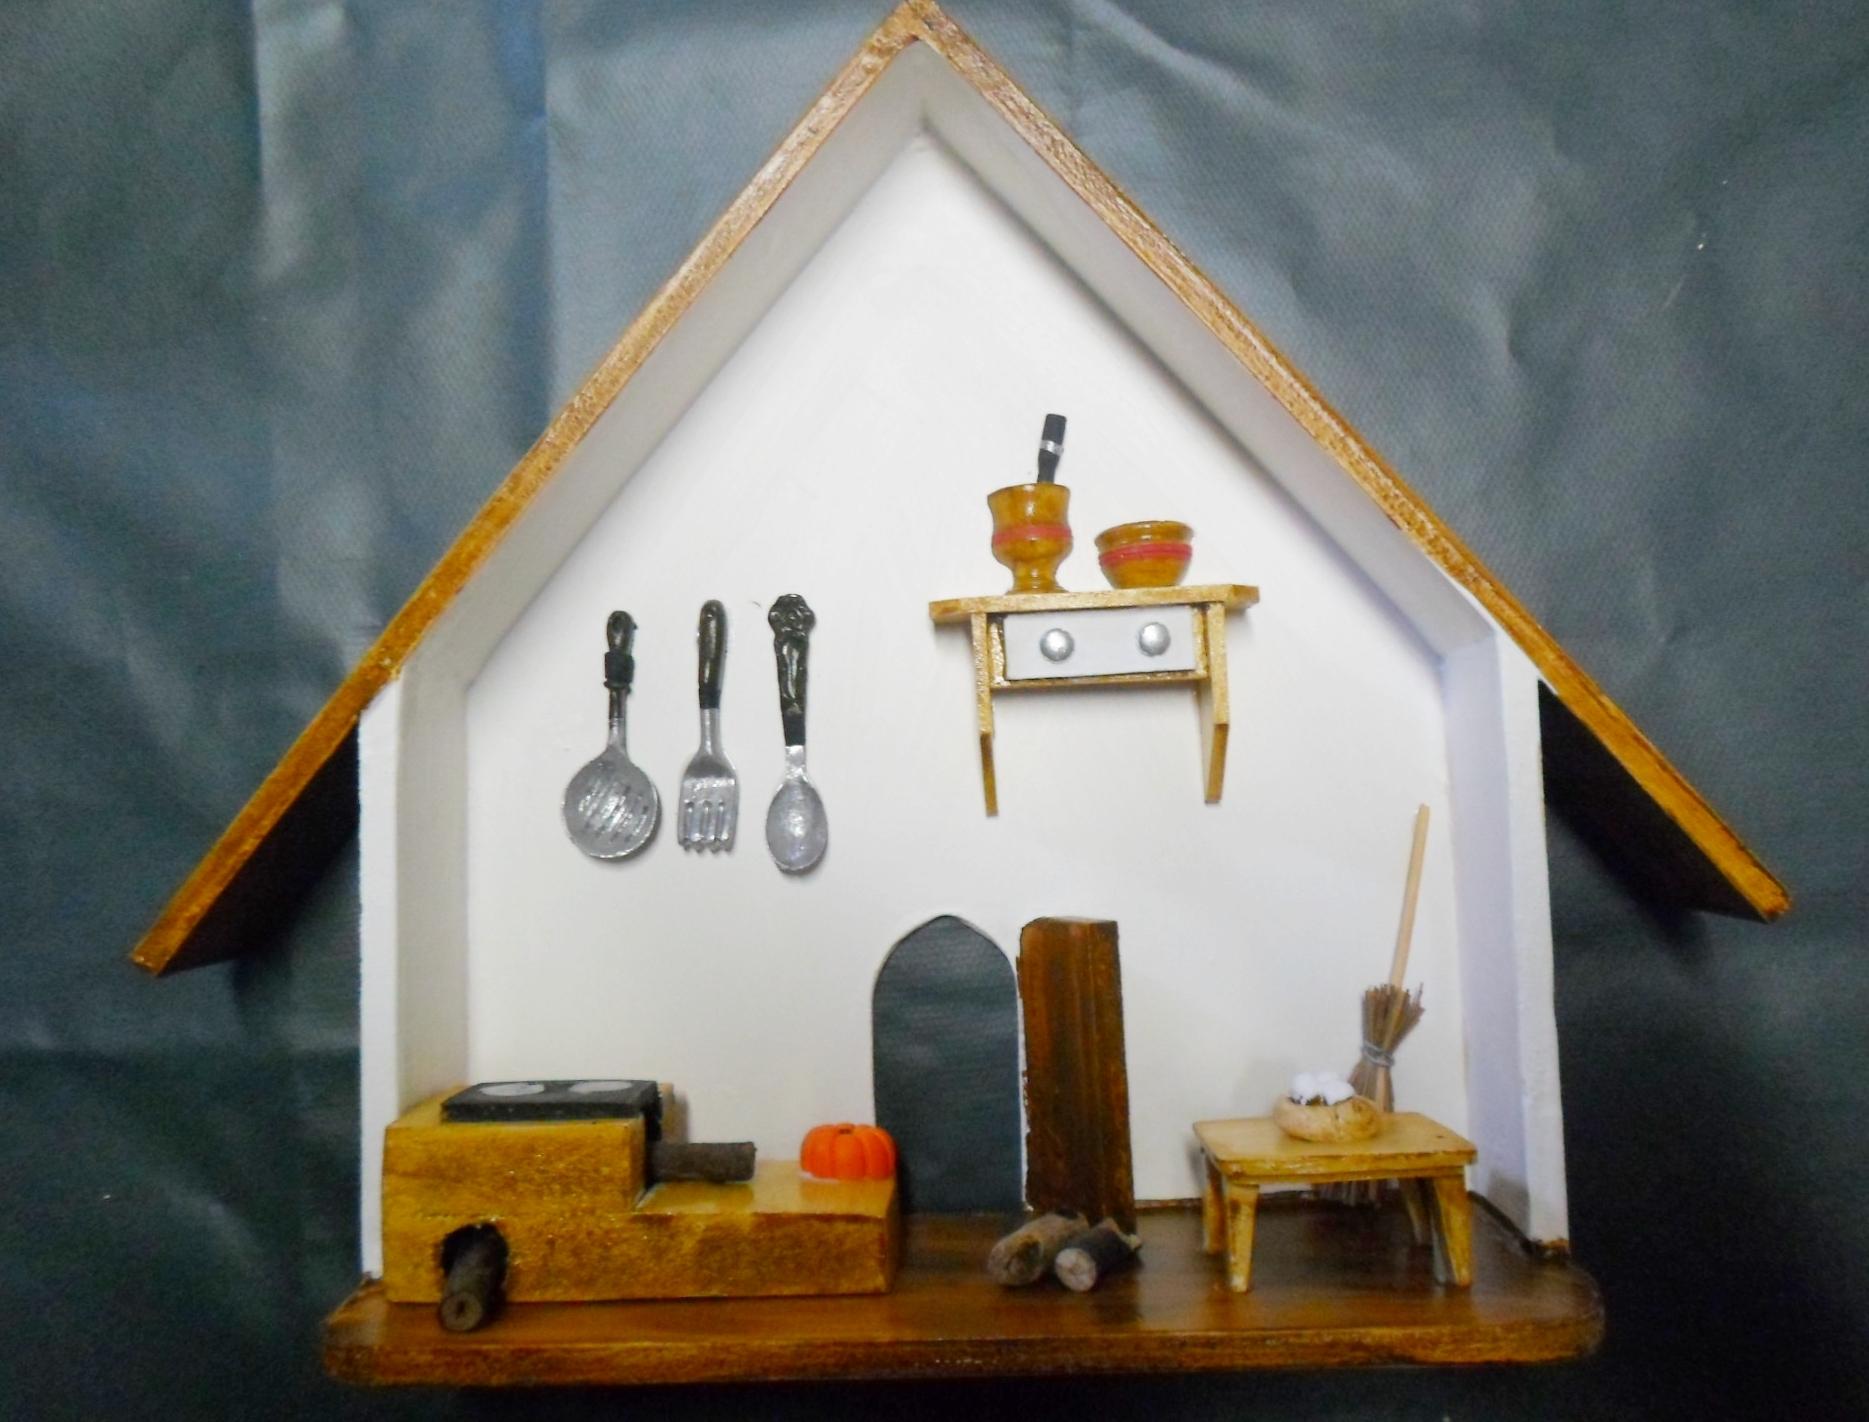 confira abaixo as fotos de como fazer churrasqueira de tijolo #703C07 1869 1422